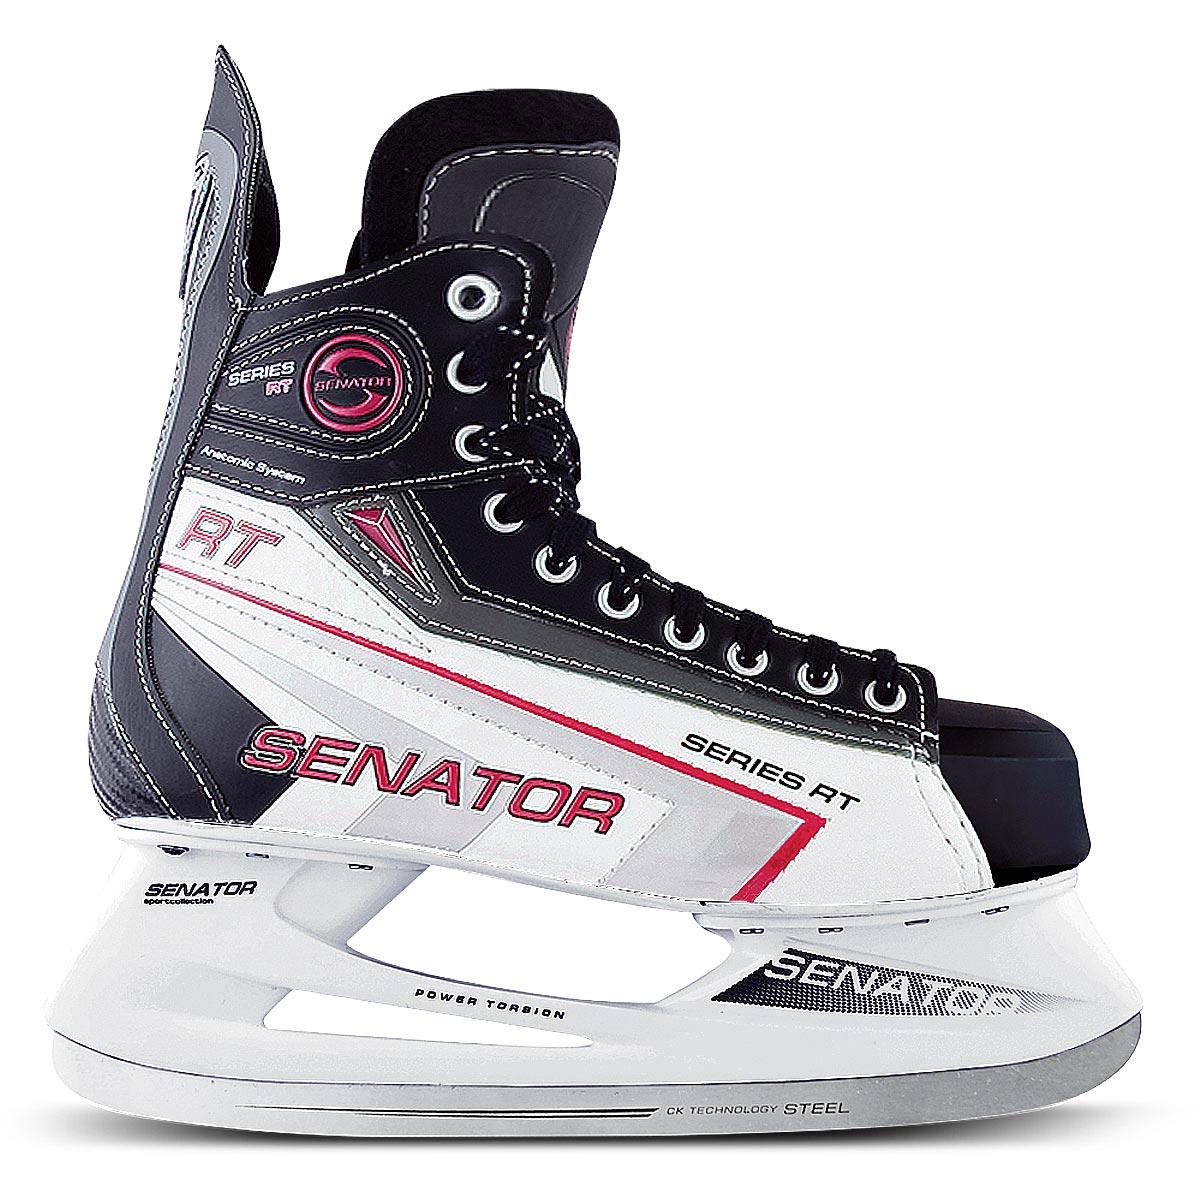 Коньки хоккейные мужские СК Senator RT, цвет: черный, белый. Размер 47